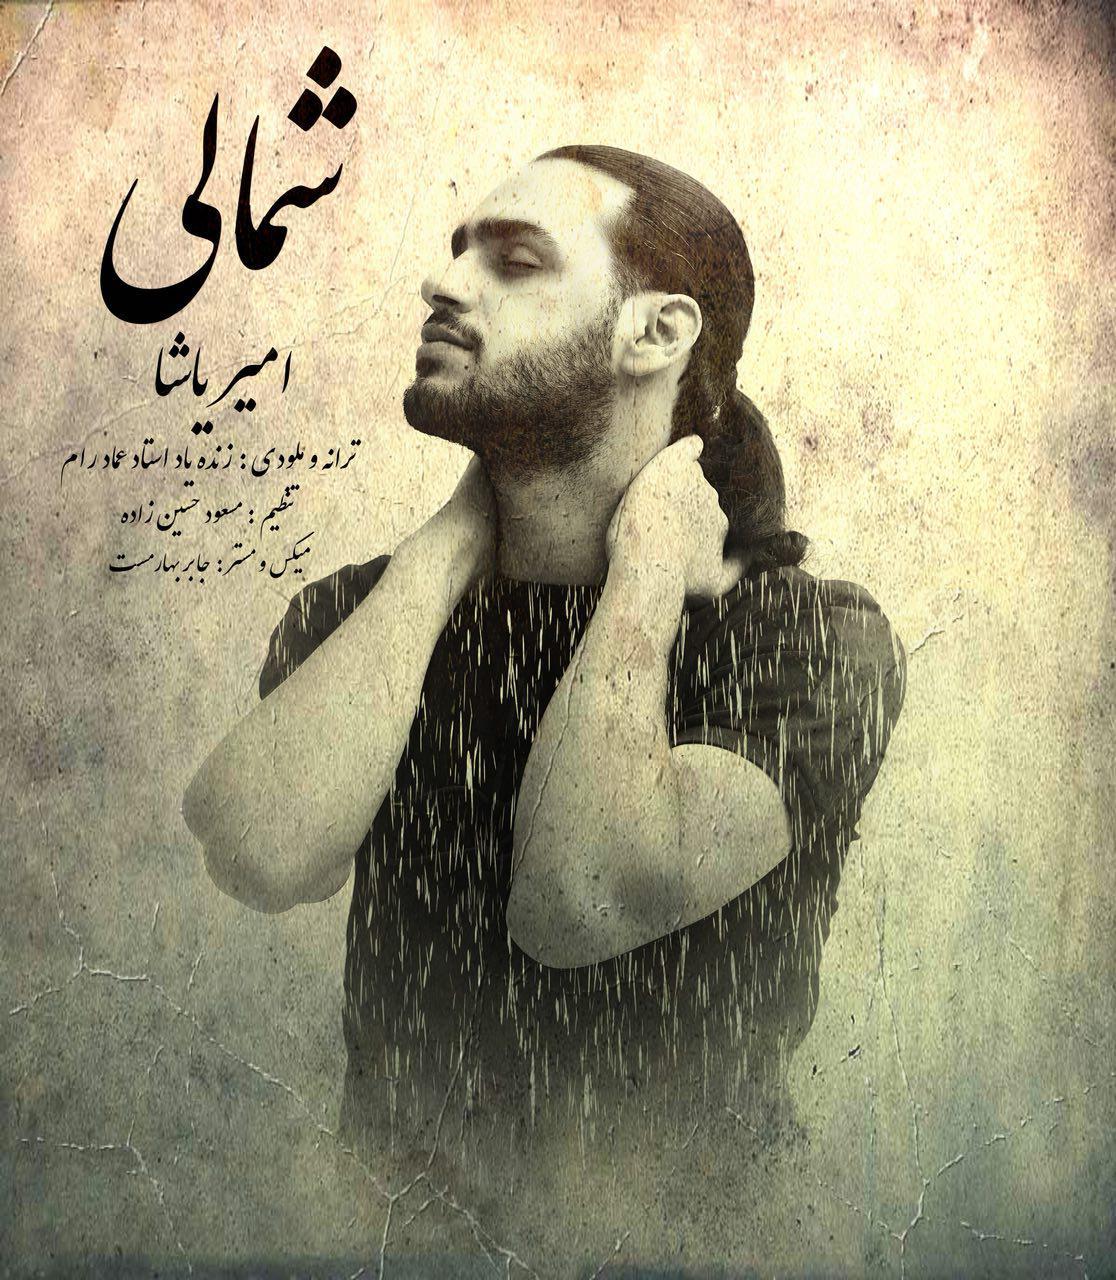 Amir Yasha Shomali